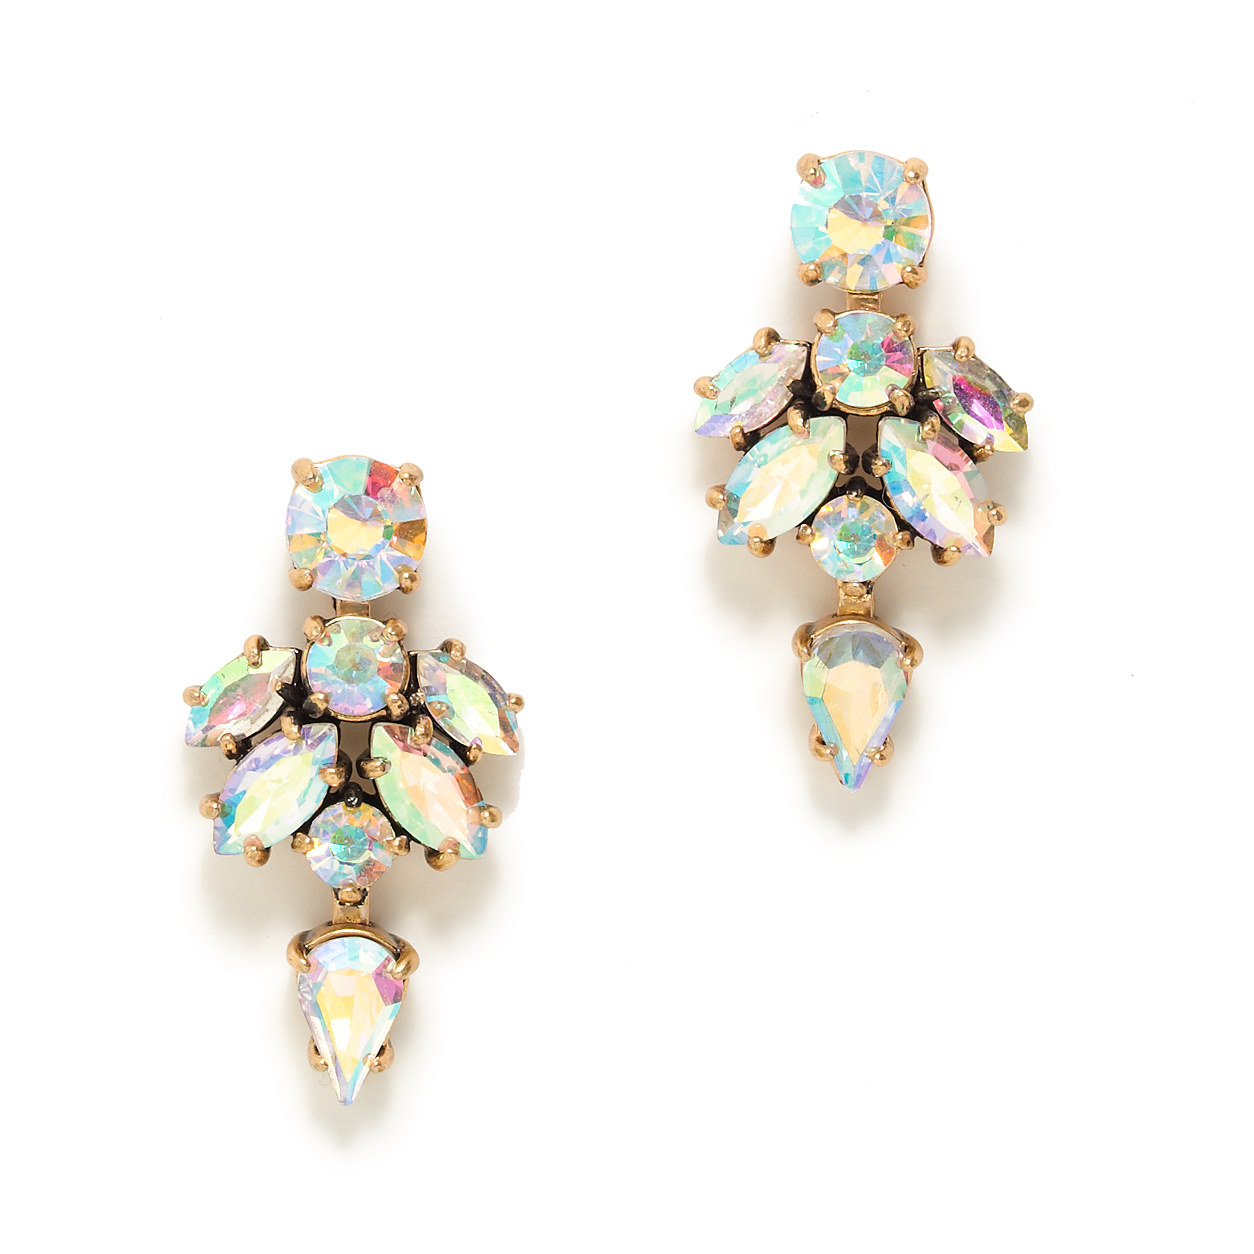 Crystal drop earrings : jewelry | J.Crew